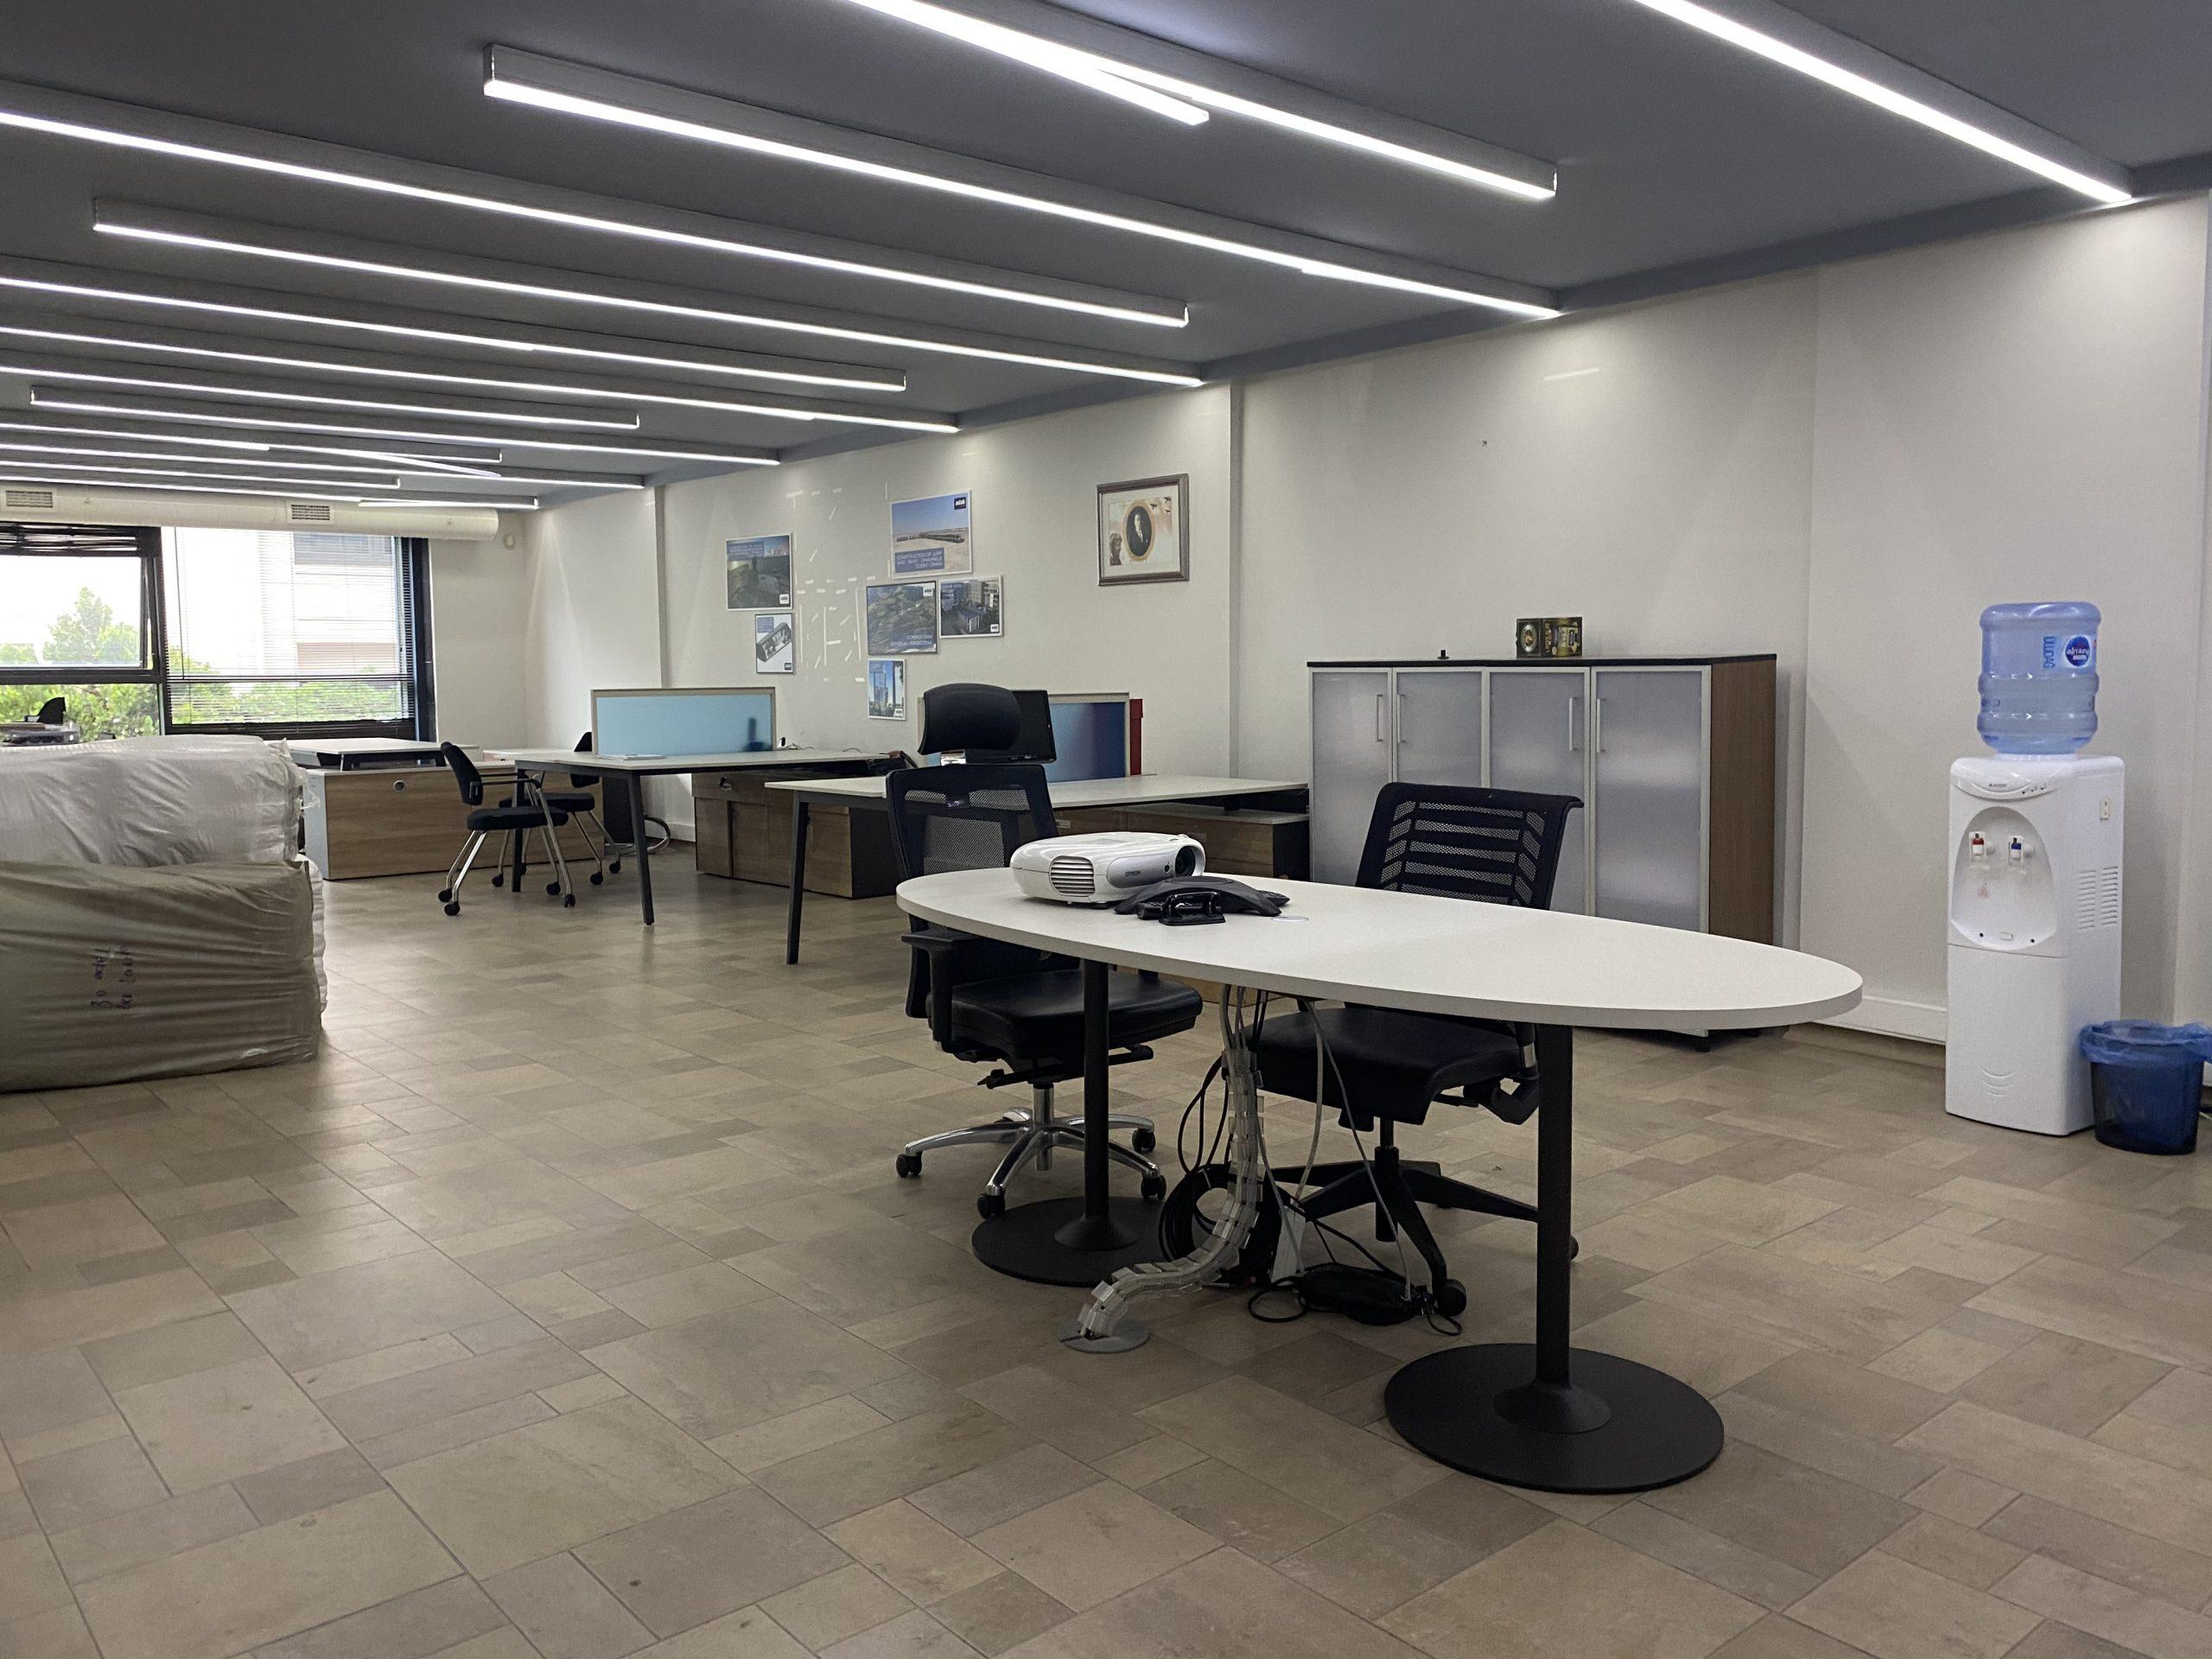 Nişantaşı Abdi İpekçi' de Otoparklı Güvenlikli 600m² Kaliteli Merkezi Köşe Ofis Satılık